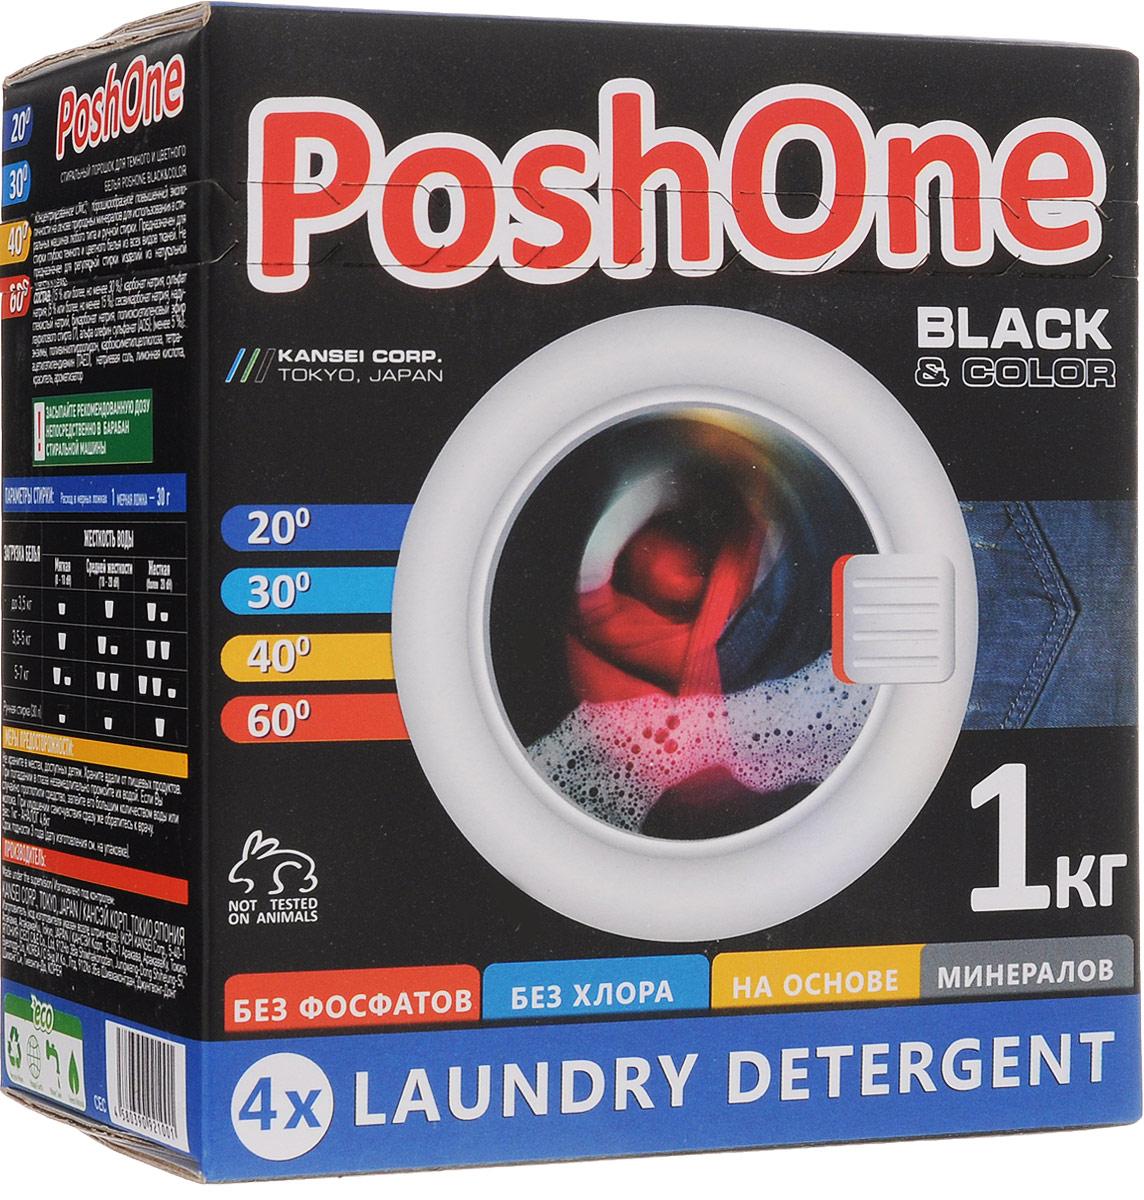 Порошок стиральный Posh One Black & Color, для темного и цветного белья, 1 кгml31202Posh One Black & Color - ультраконцентрированный порошок повышенной экологичности на основе минералов. Предназначен для темного и цветного белья в стиральных машинах любого типа и для ручной стирки.Особенности порошка:Не имеет в своем составе фосфаты, оптические отбеливатели, формальдегиды и хлор.Не раздражает кожу.Биоразлагаем более чем на 99%.Не оставляет следов на белье.Не токсичен.Содержит биоферменты и активный кислород-активатор TAED.Защищает нагревательный элемент стиральной машины от накипи.Эффективен в холодной воде.Легко справляется со сложными пятнами.Состав: (15% или более, но менее 30%) карбонат натрия, сульфат натрия, (5% или более, но менее 15%) сесвикарбонат натрия, надуглекислый натрий, бикарбонат натрия, полиоксиэтиленовый эфир лаурилового спирта (7), альфа-олефин сульфанат (AOS), (менее 5%) энзимы, поливинилпирролидон, натриевая соль, карбоксиметилцеллюлоза, тетра-ацетилэтилендиамин (TAED), ароматизатор. краситель, лимонная кислота.Товар сертифицирован. Не предназначен для регулярной стирки изделий из натуральной шерсти и шелка.